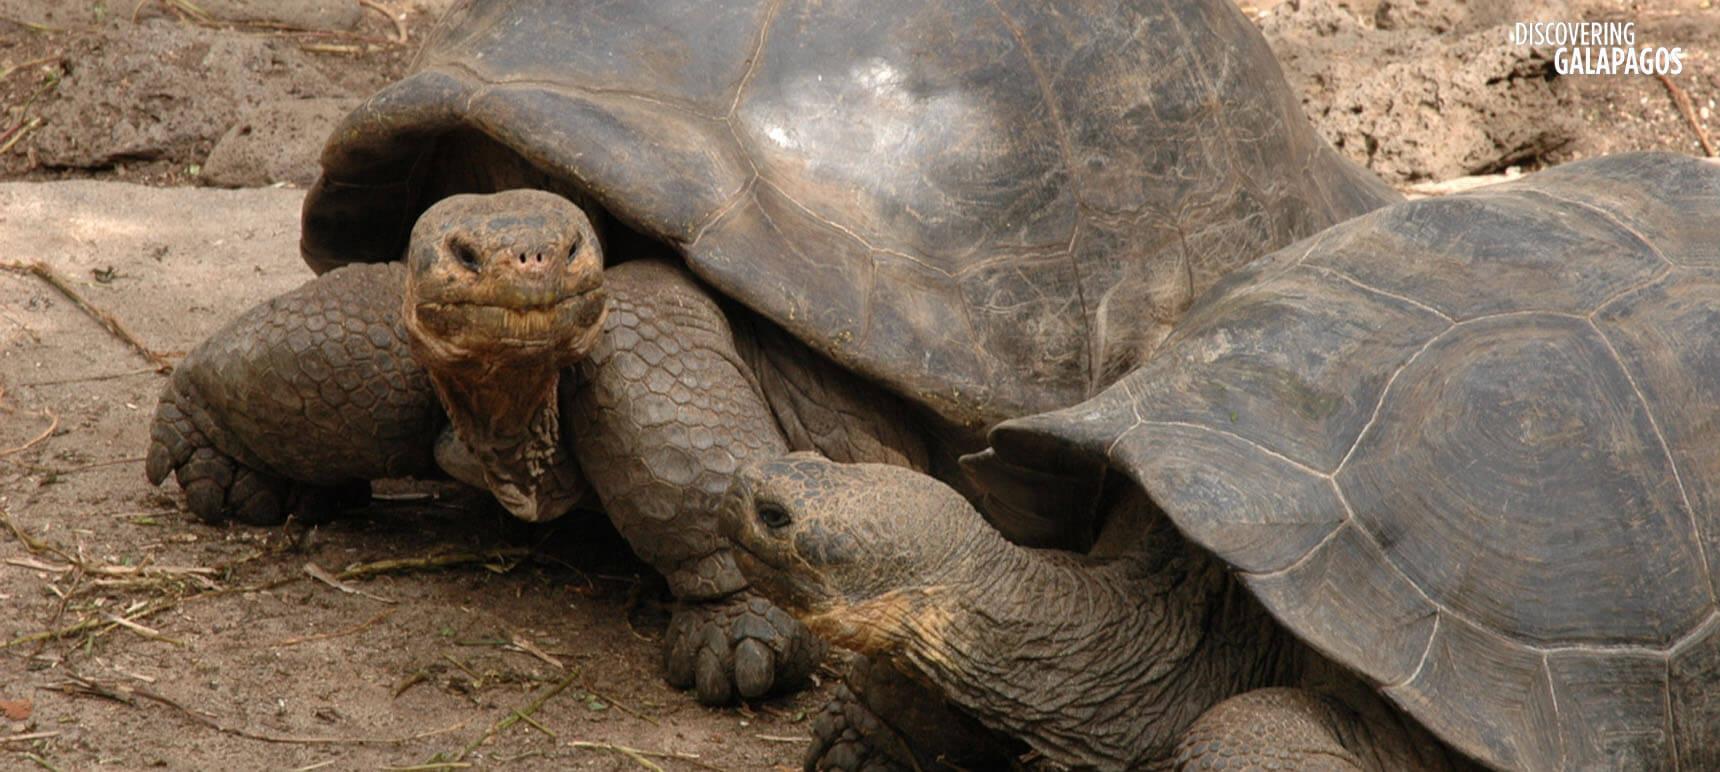 Tortoises © Caroline Pannell